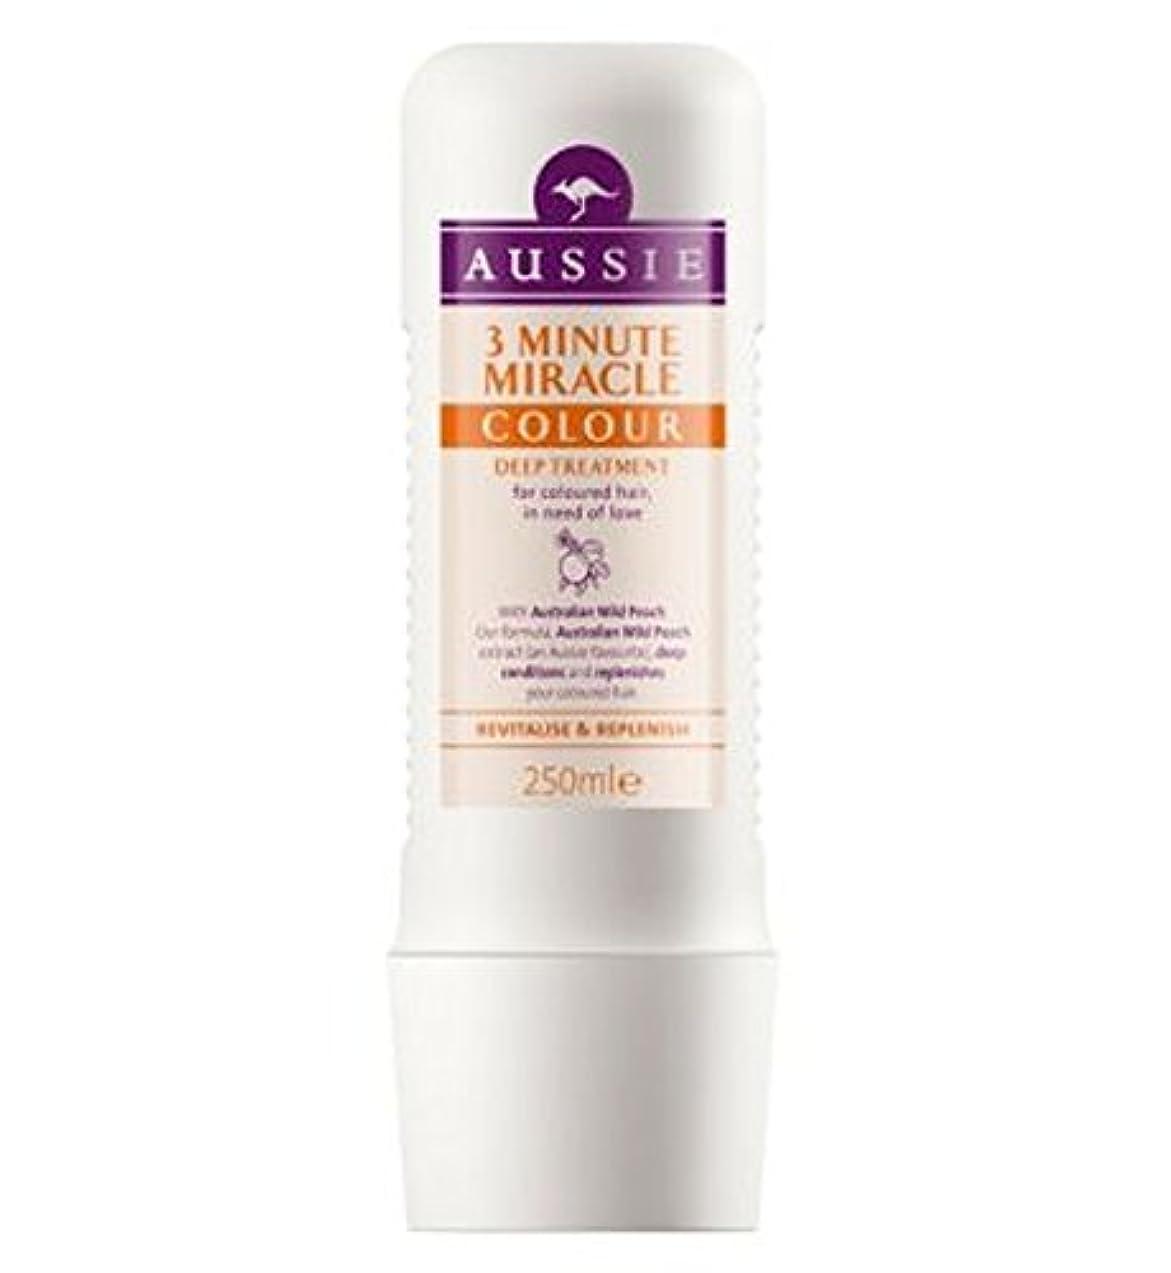 郵便番号ぼろあなたが良くなりますオージー3分の奇跡色の深い処理250ミリリットル (Aussie) (x2) - Aussie 3 Minute Miracle Colour Deep Treatment 250ml (Pack of 2) [並行輸入品]